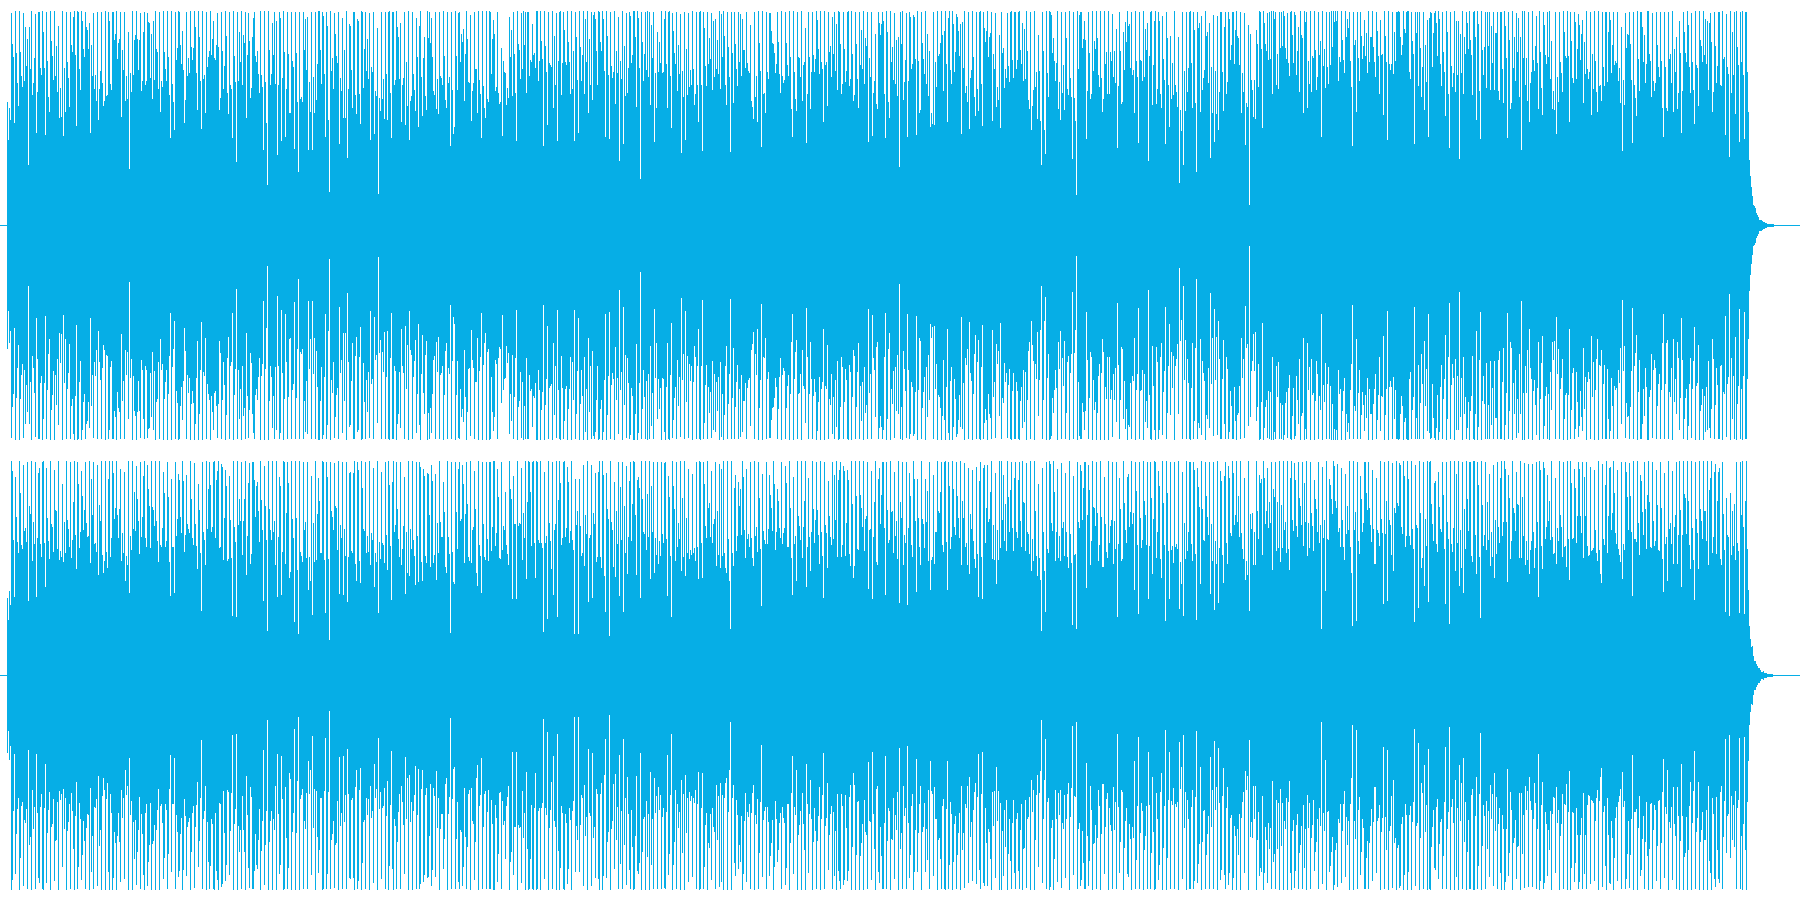 セール・イベントTVCM用の和風・正月曲の再生済みの波形